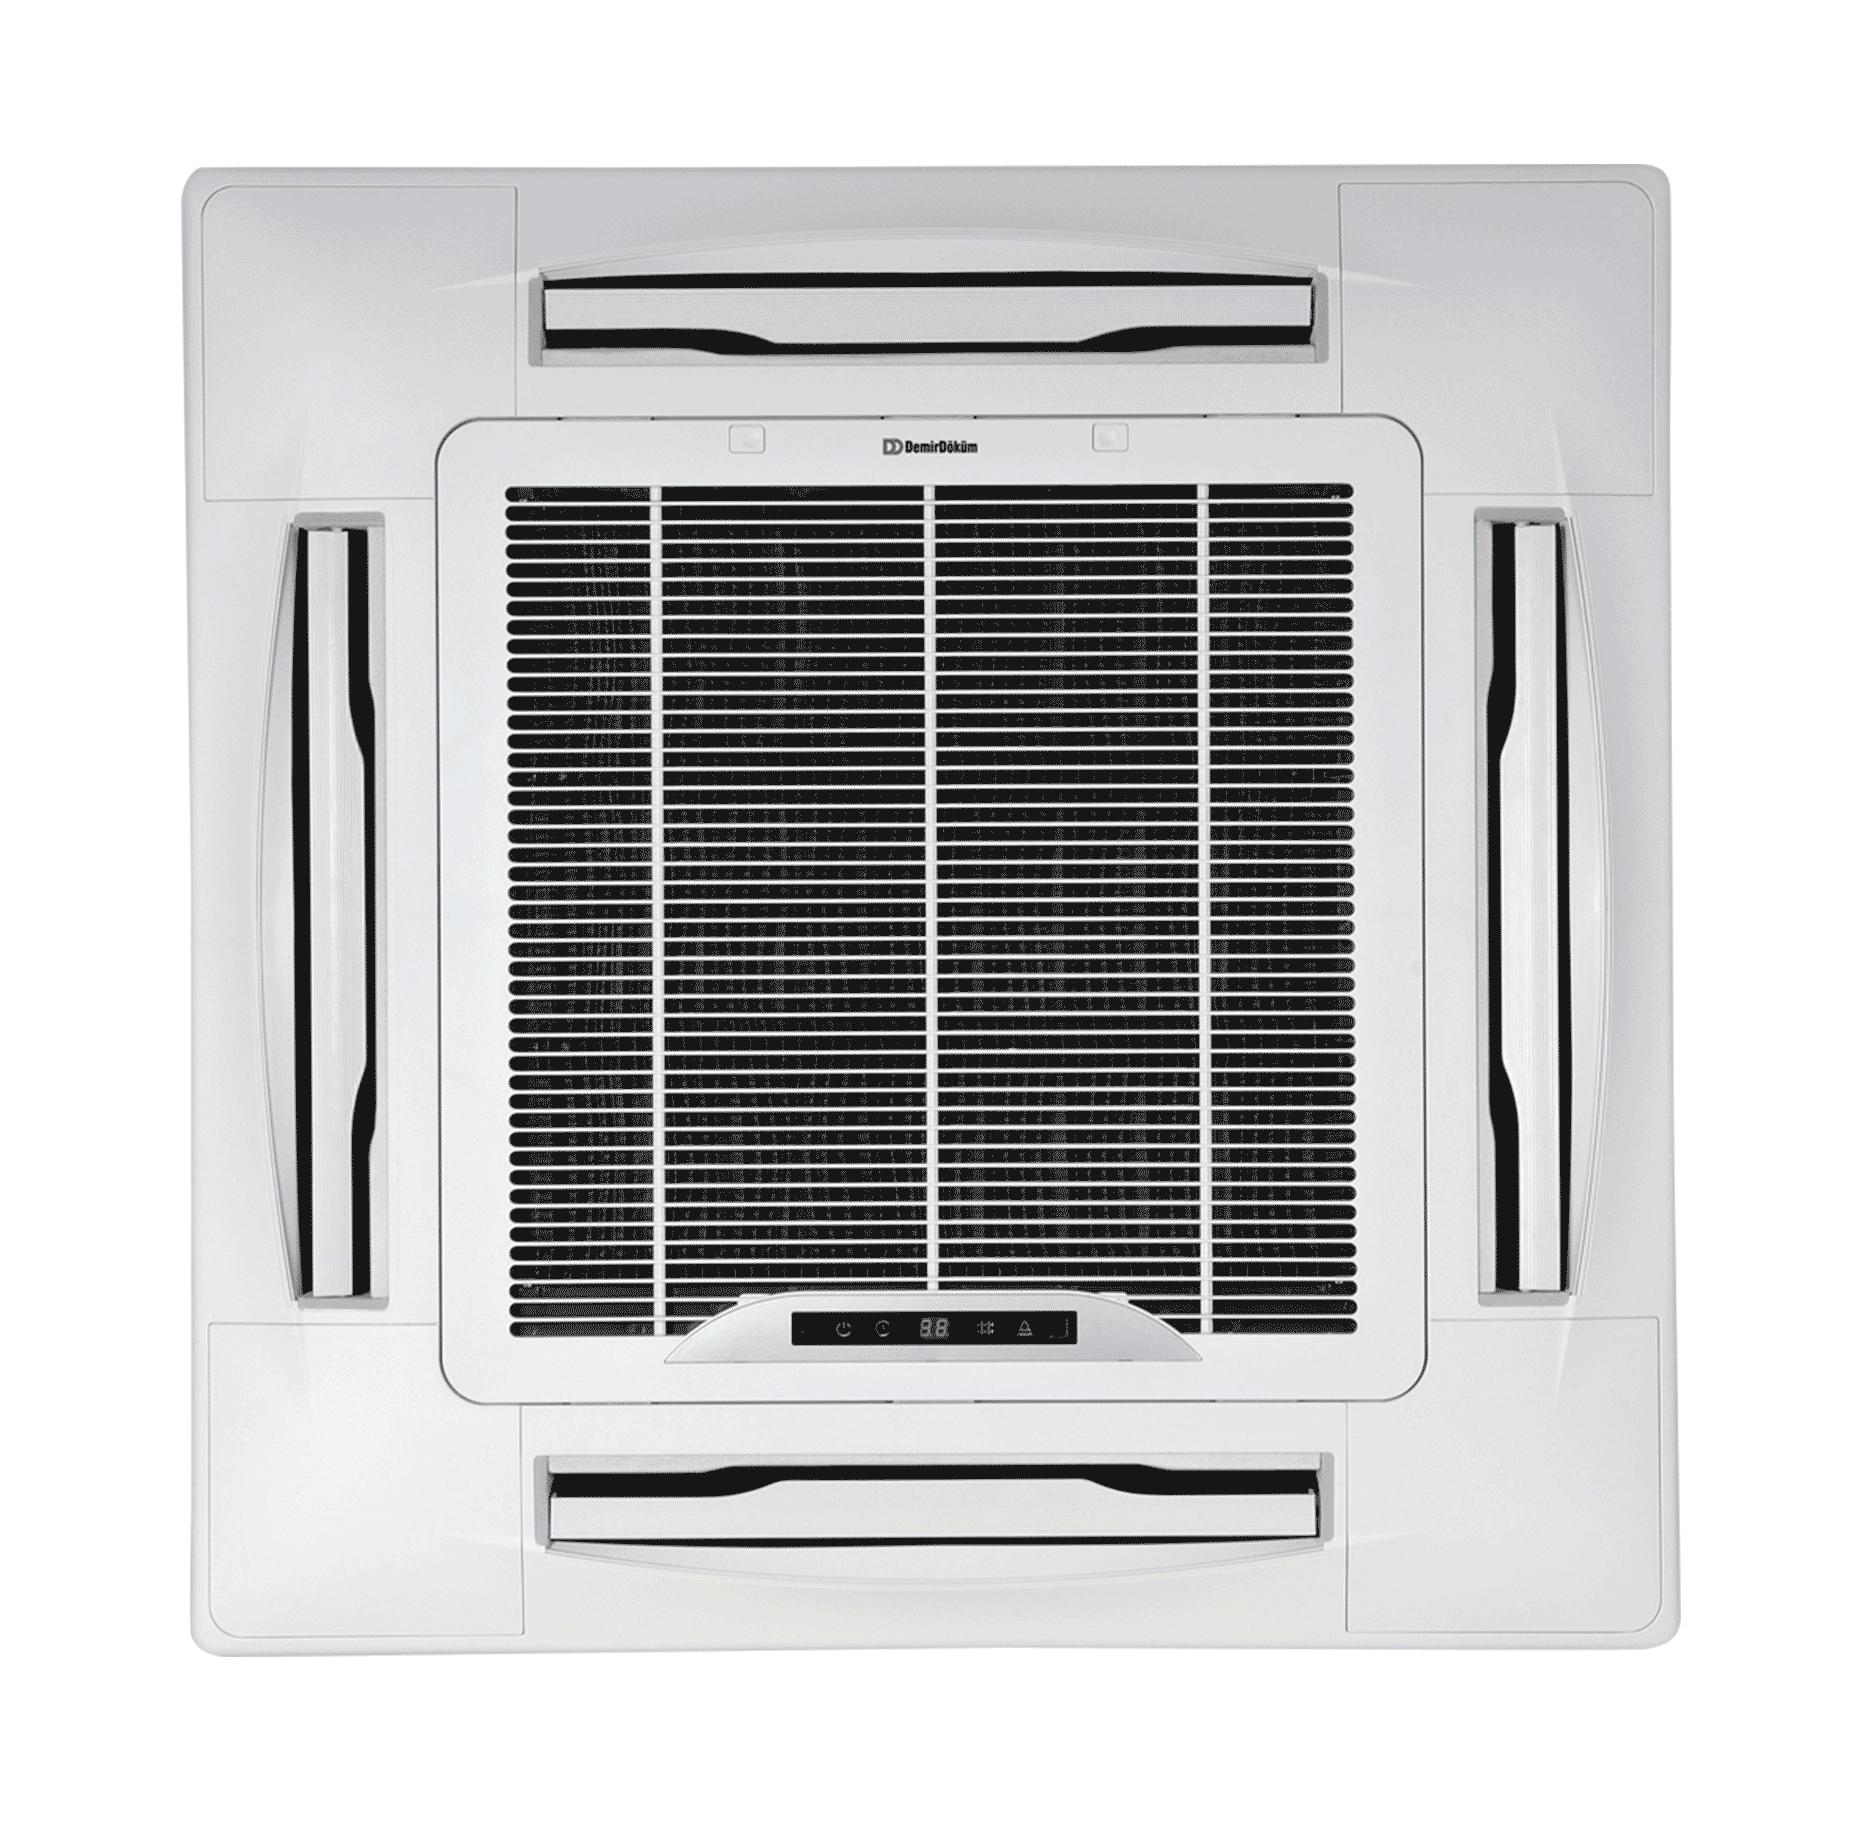 DemirDöküm T 410 C Air Conditioner Cassette A/C Demir Döküm #1C1C1F